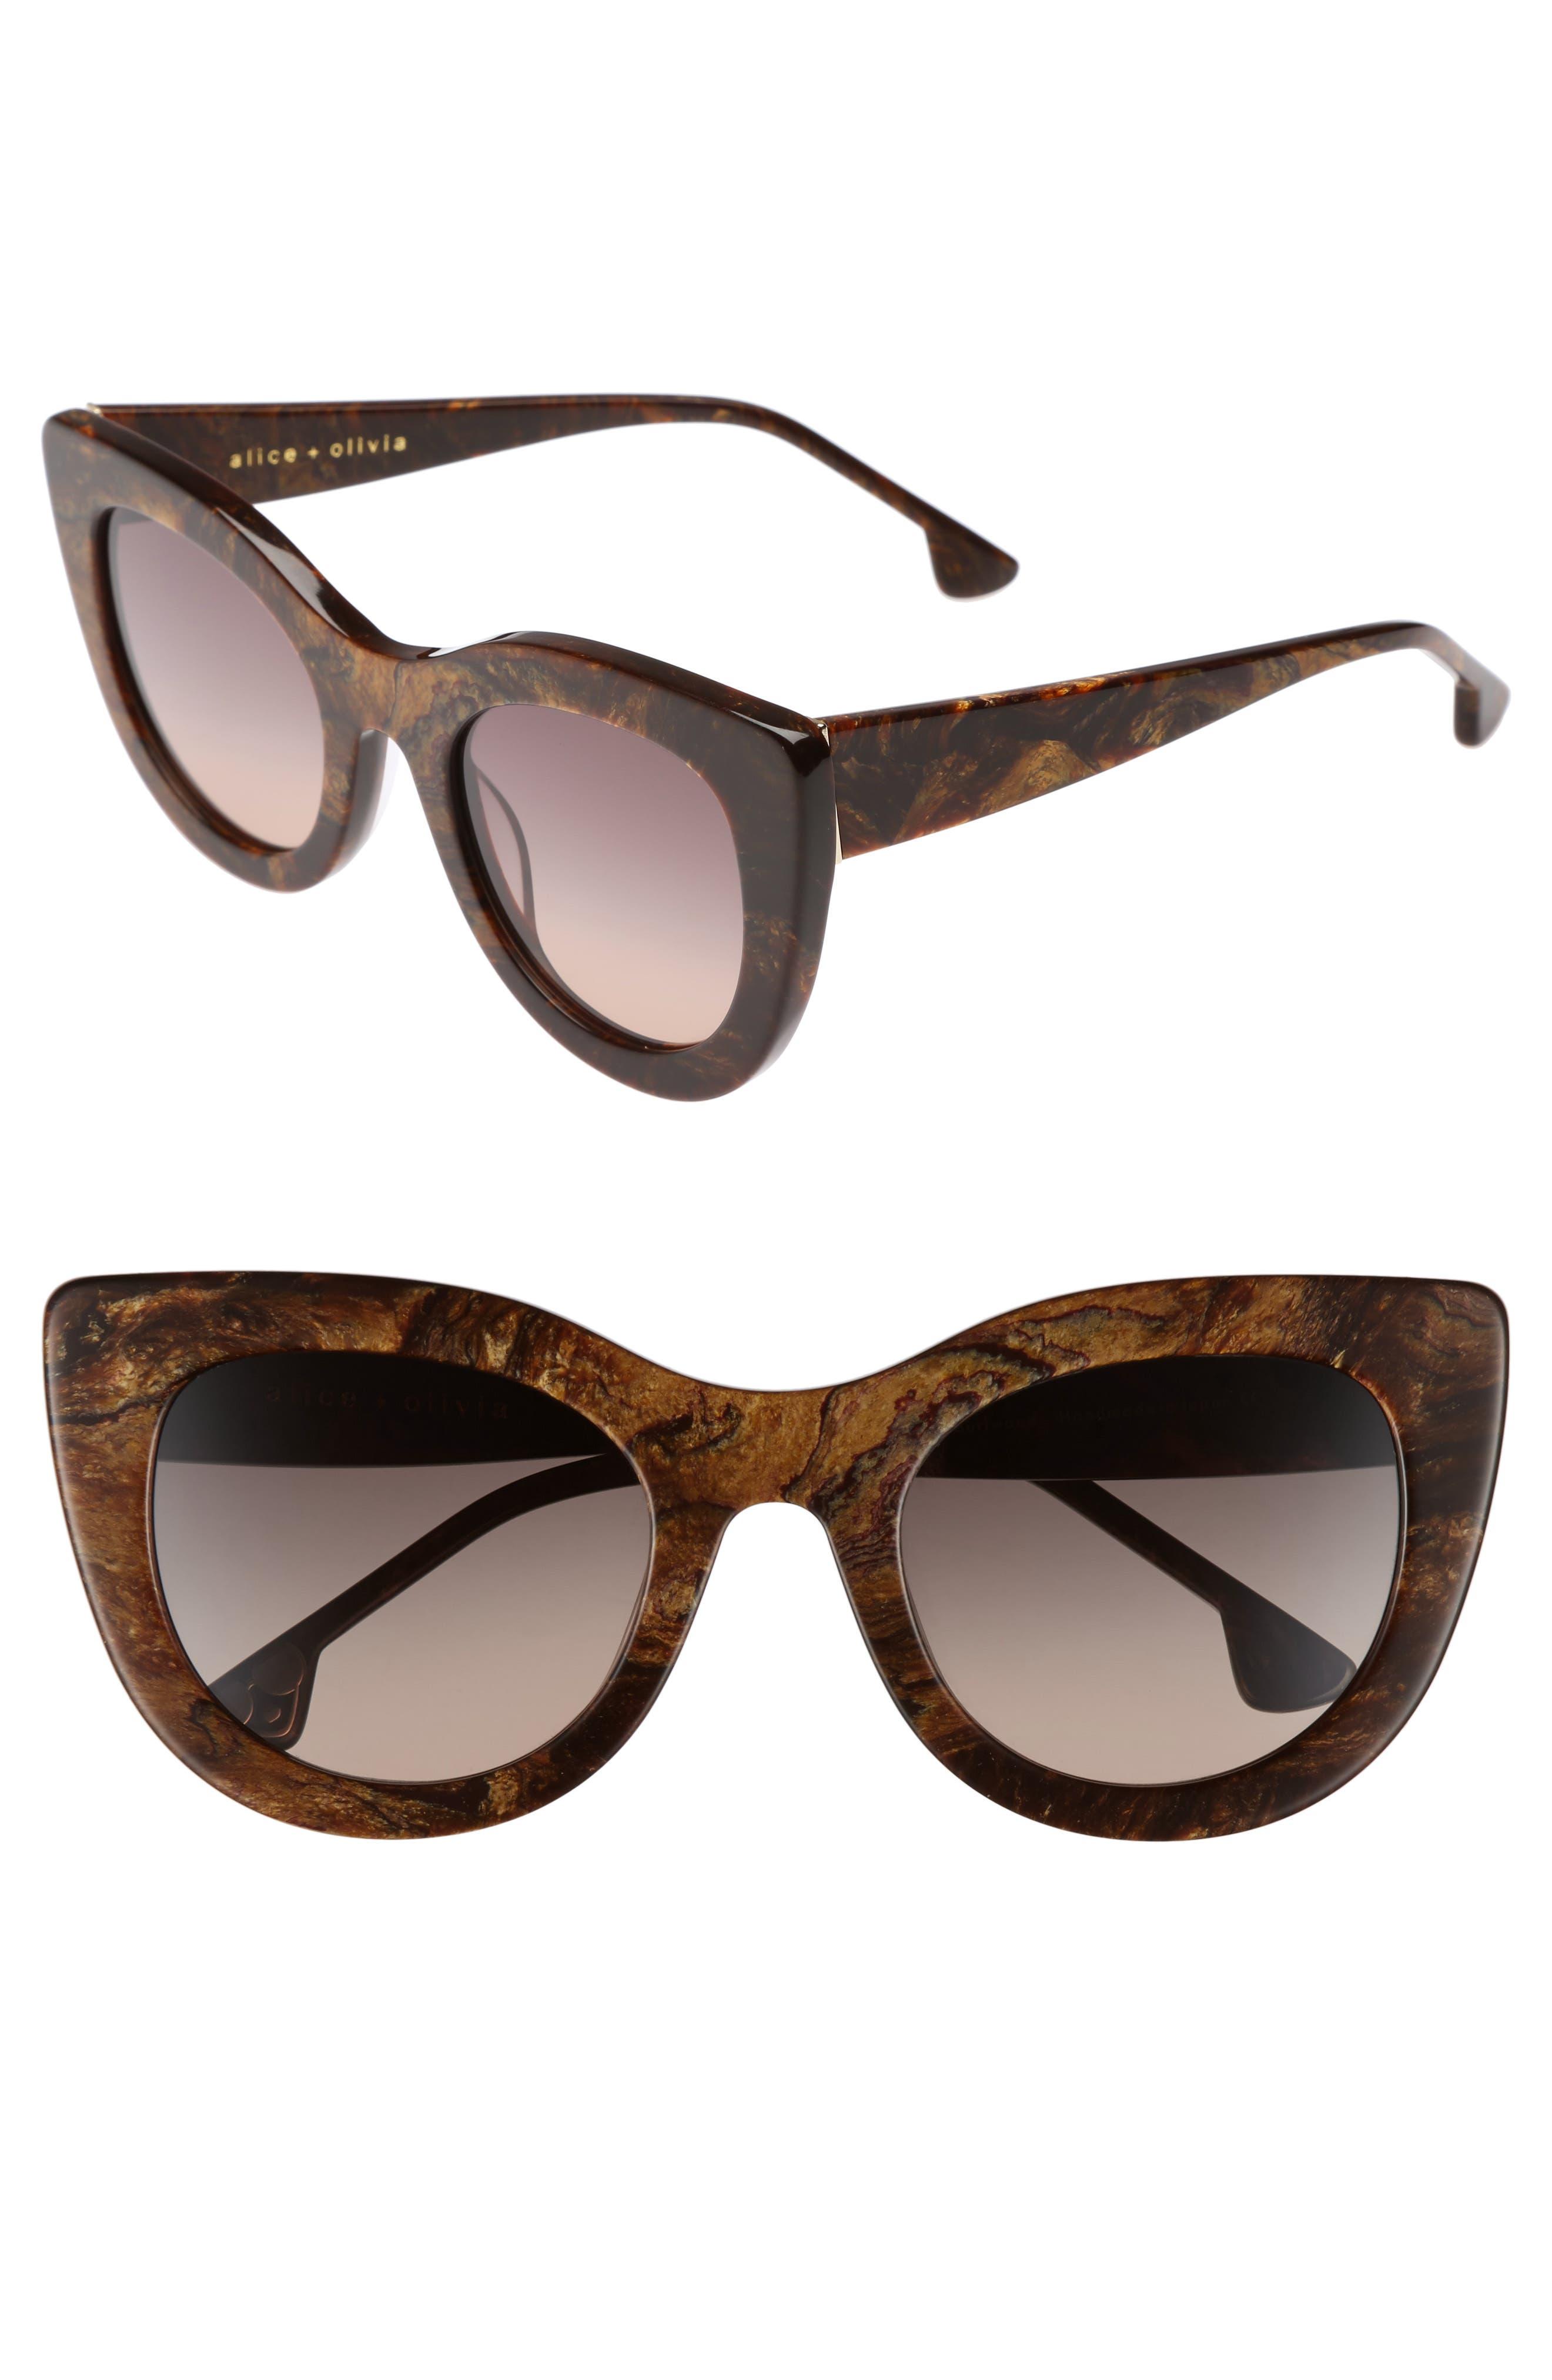 Main Image - Alice + Olivia Delancey 51mm Cat Eye Sunglasses